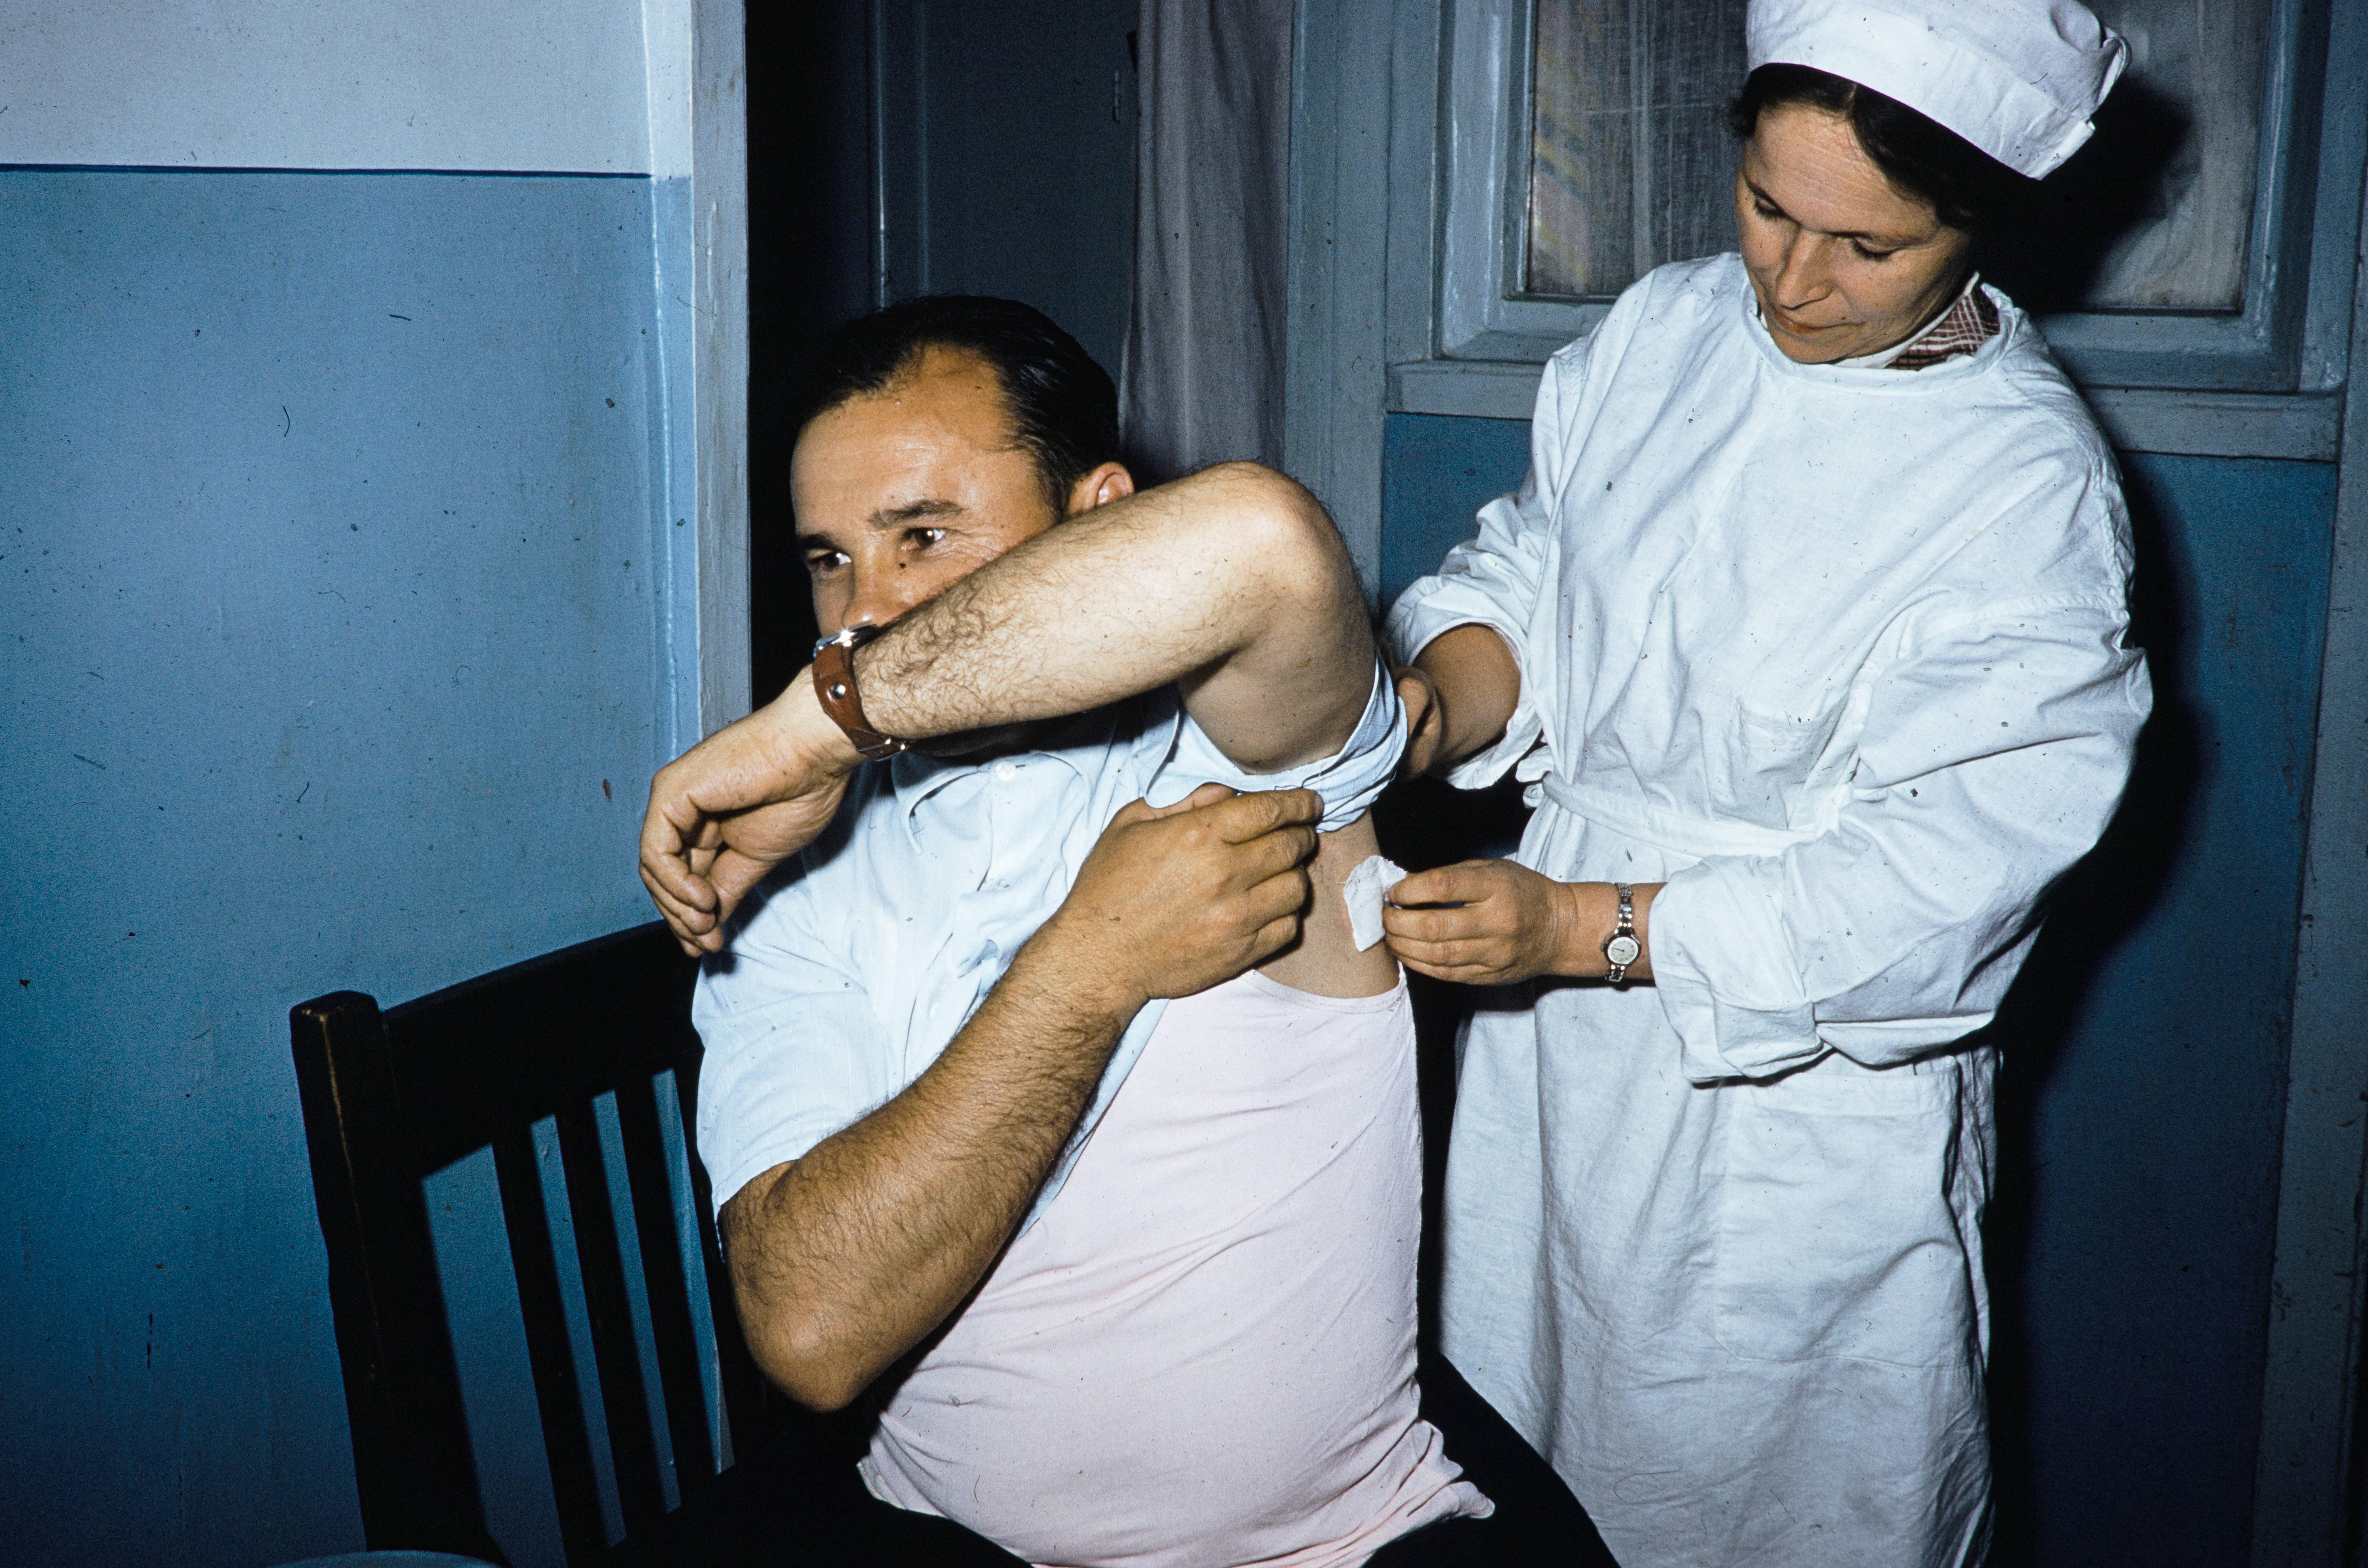 Мужчина, получающий медицинские услуги в местной поликлинике